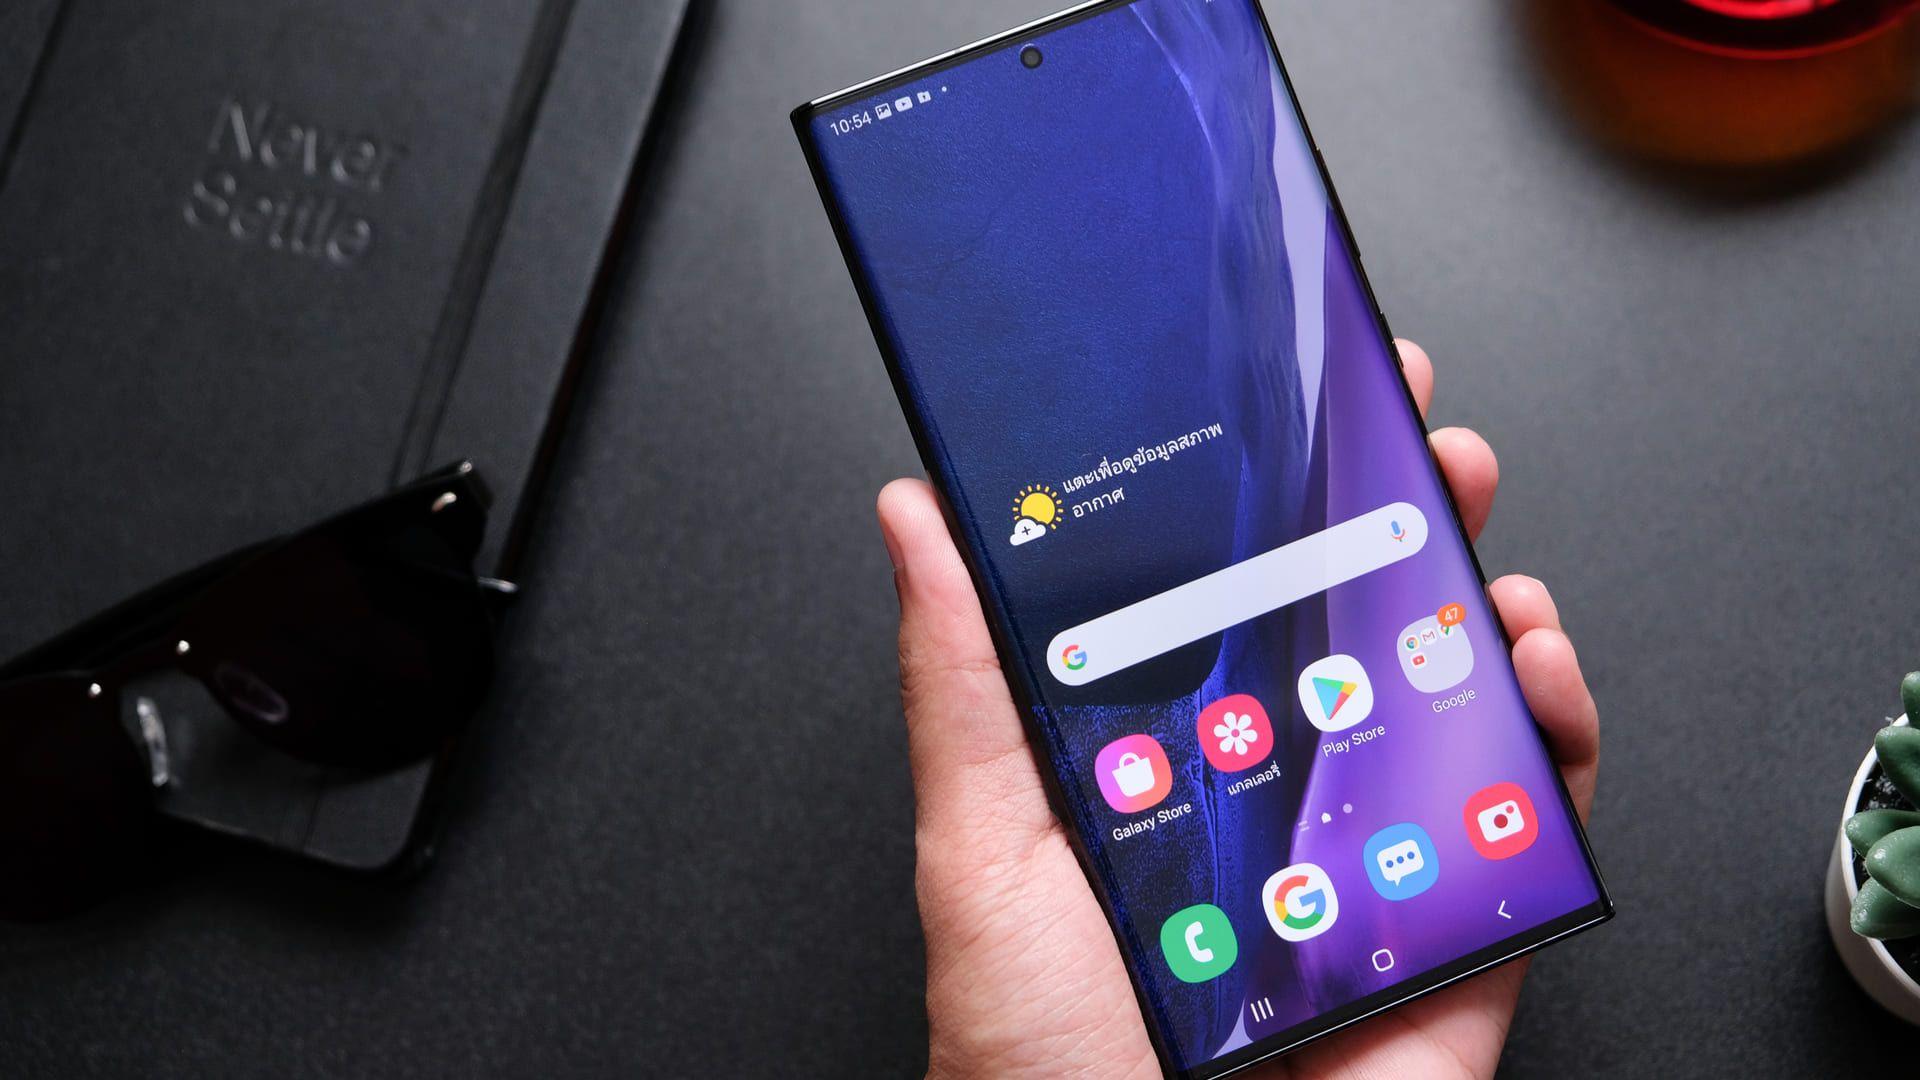 Confira os melhores modelos de celular com tela grande (Foto: Reprodução/Shutterstock)